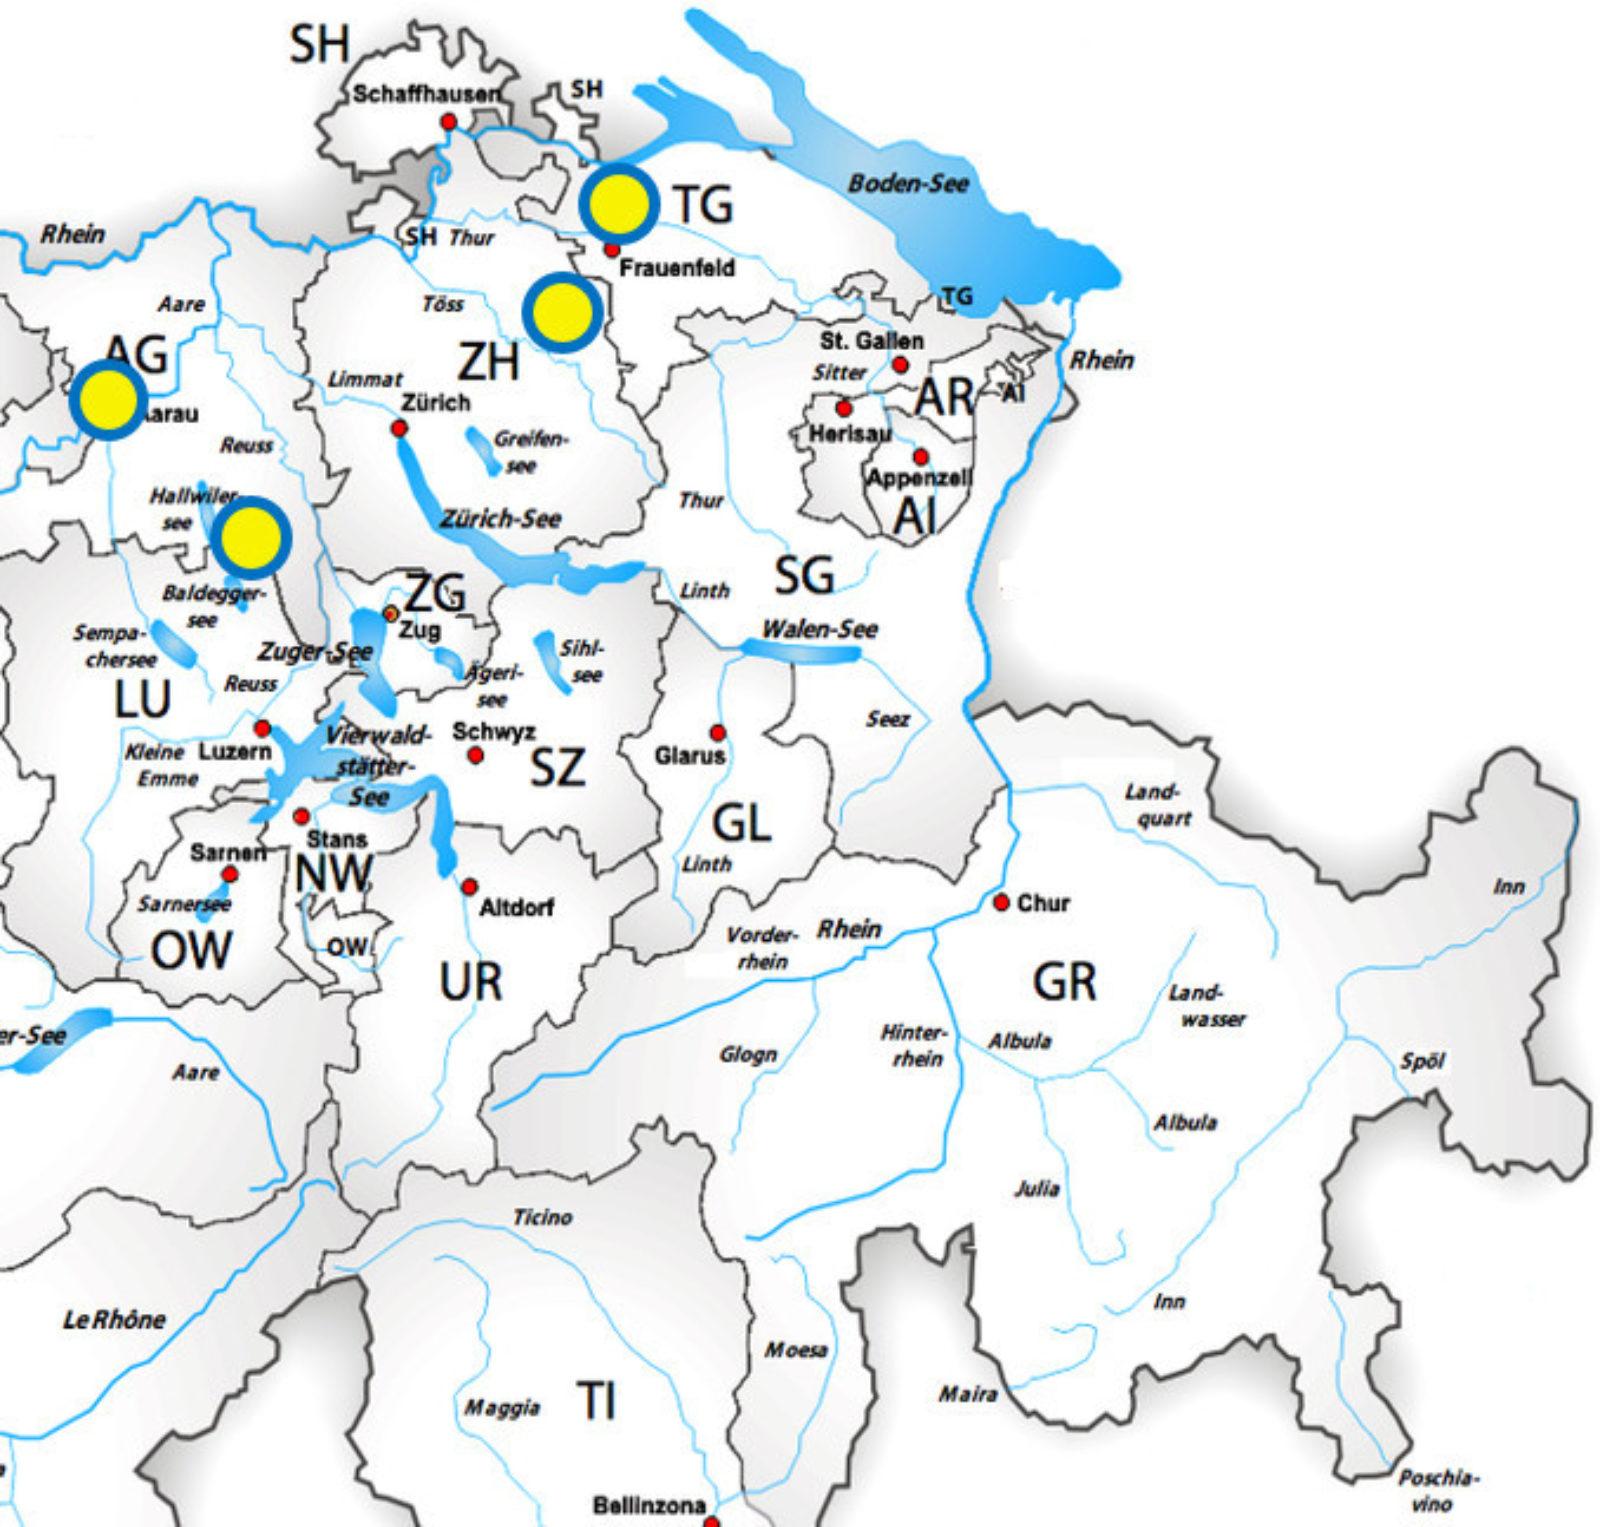 Stützpunkte Region Mittelland Ost